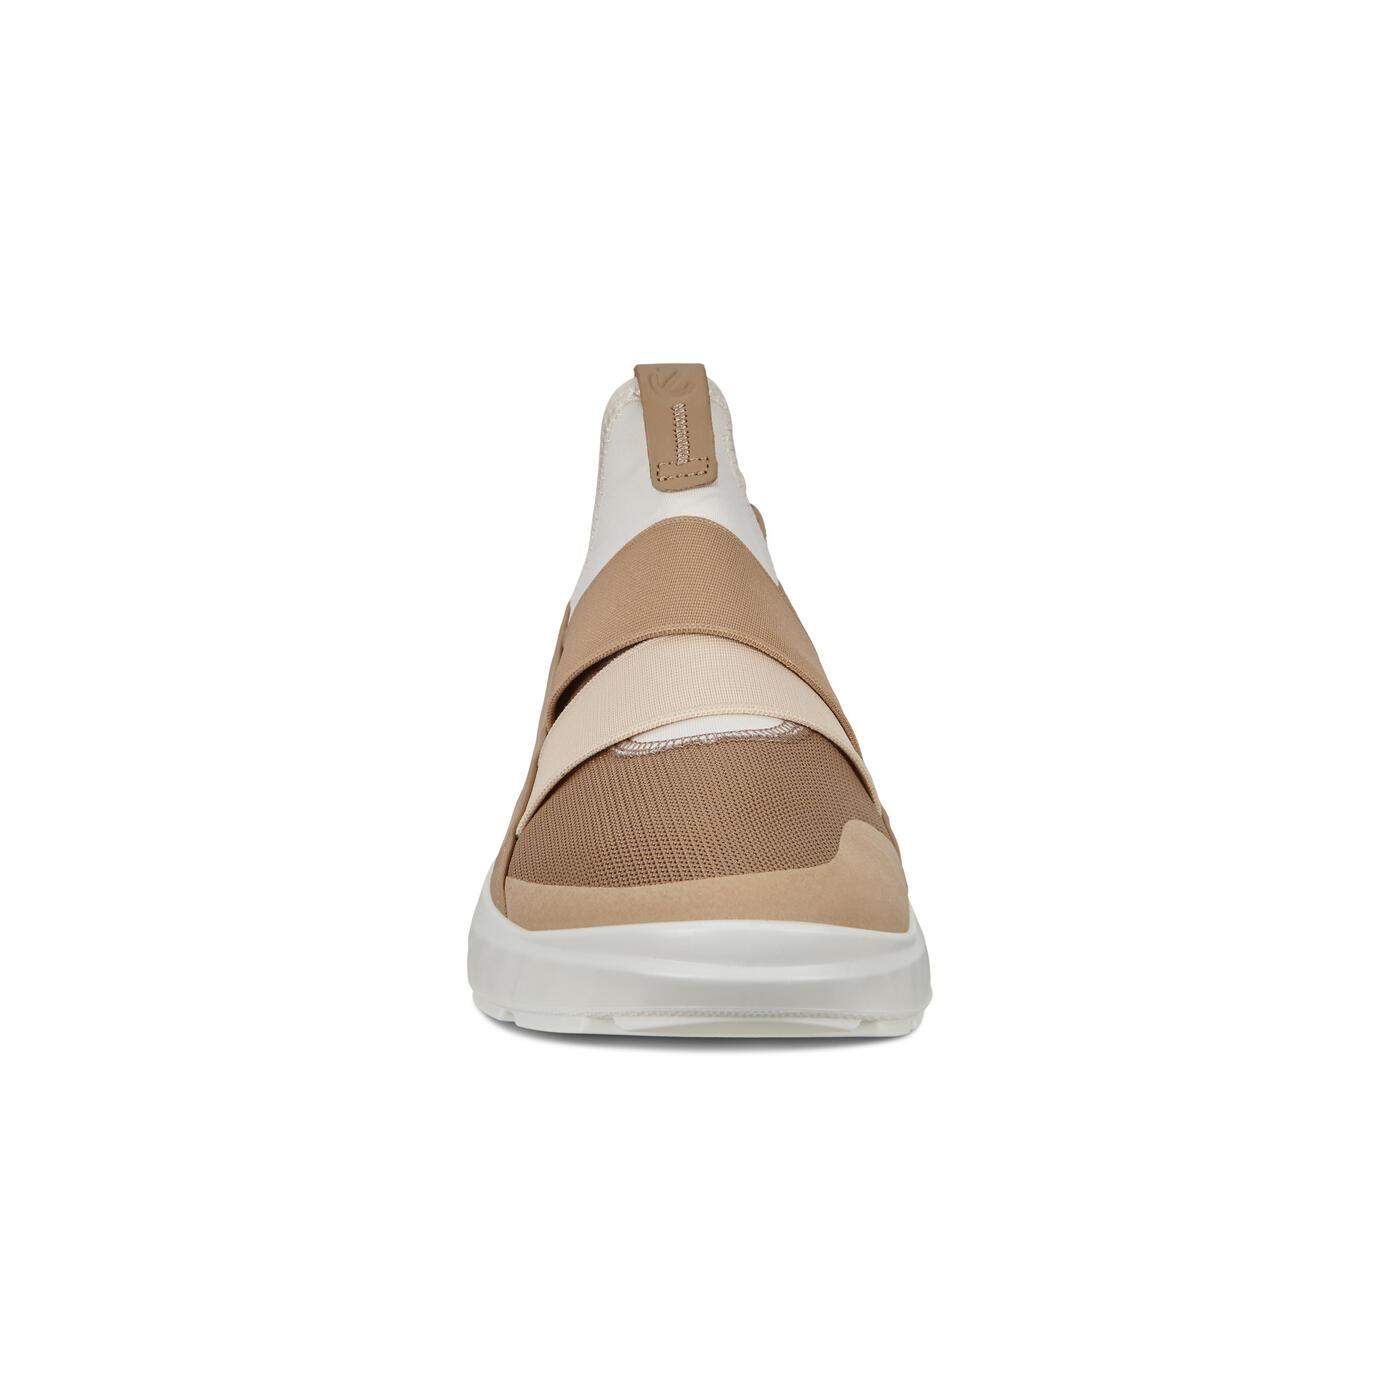 Sneaker montant ECCO ST.1 Lite pour femmes